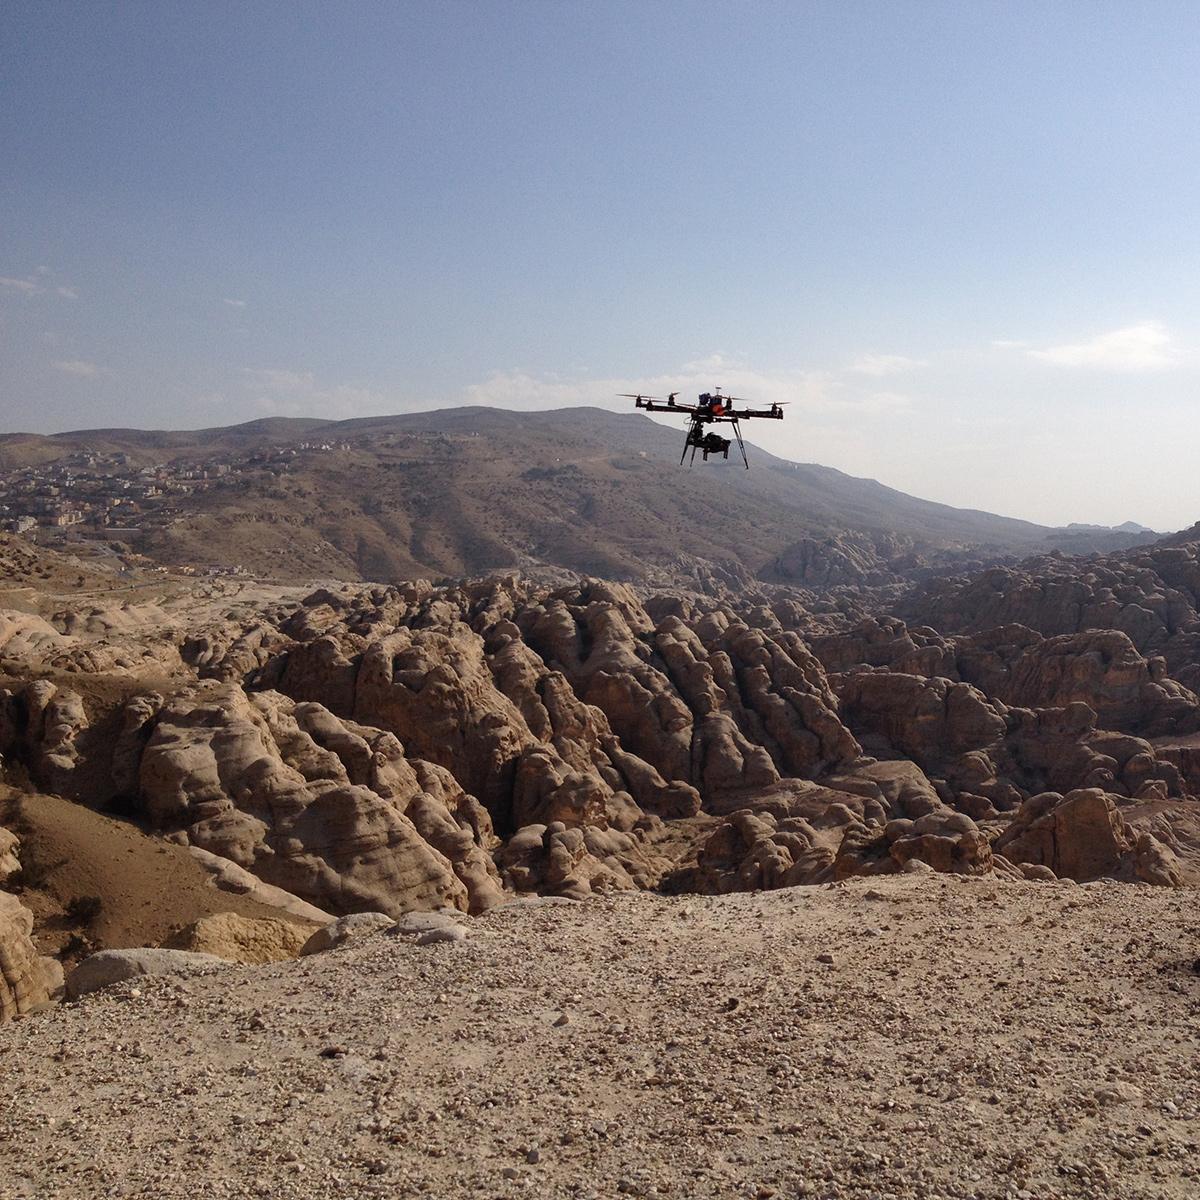 Petra-drone-tournage-07.jpg